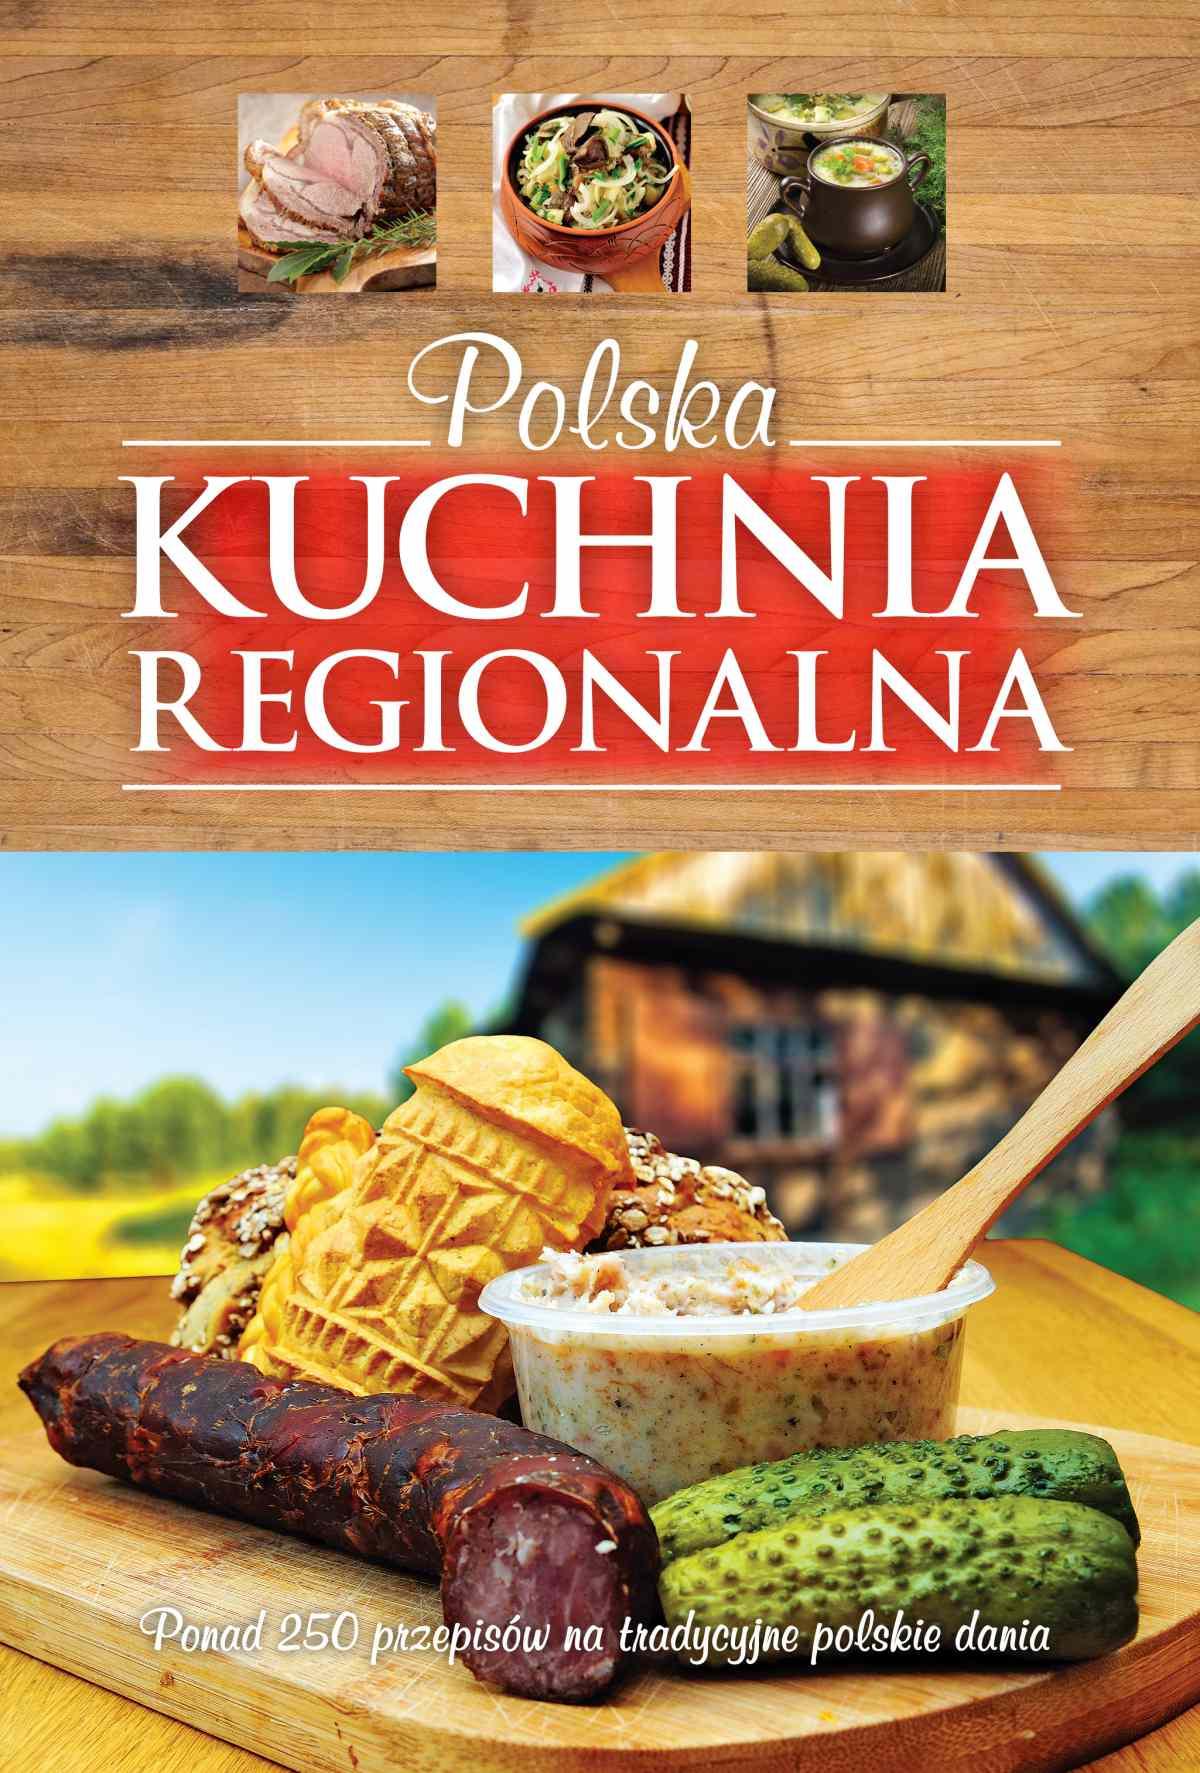 Polska kuchnia regionalna - Ebook (Książka PDF) do pobrania w formacie PDF